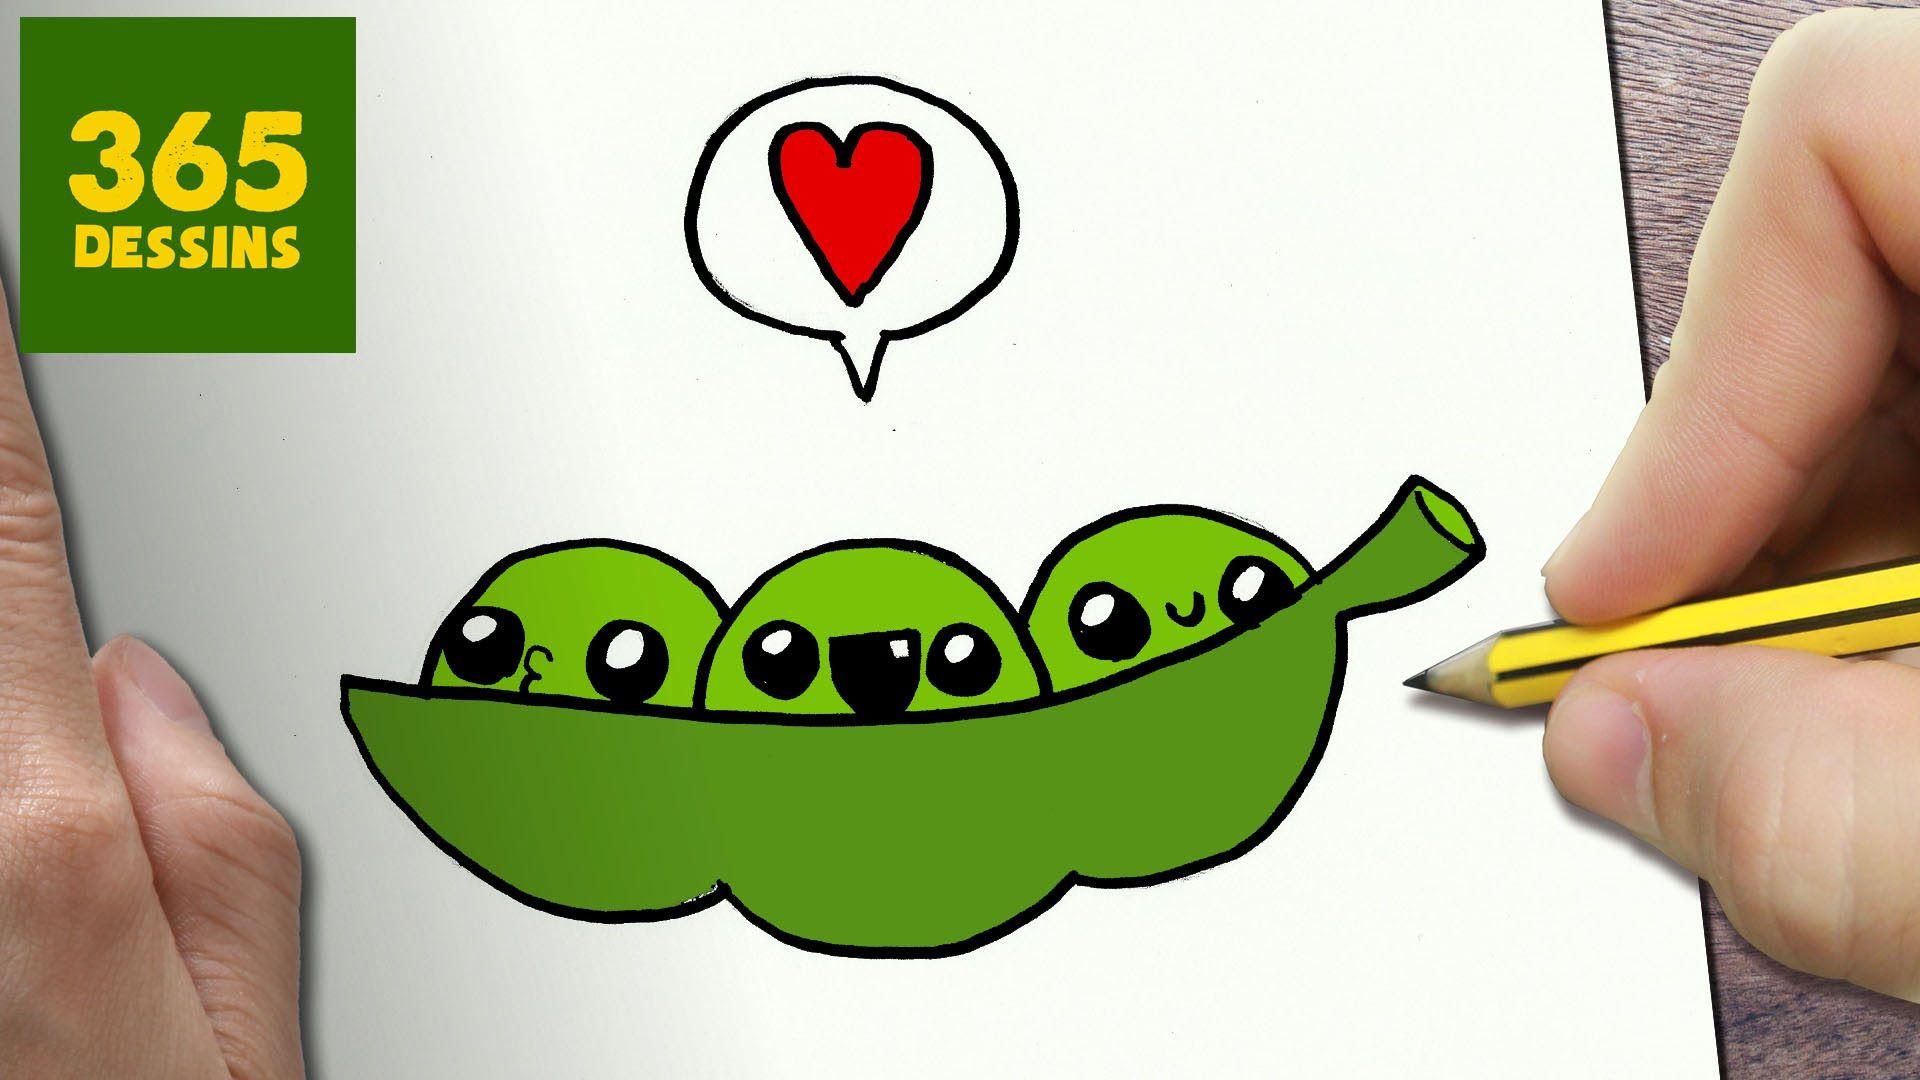 Comment Dessiner Pois Verts Kawaii Etape Par Etape Dessins 365 Dessin Logo 365 Dessins Dessin Kawaii